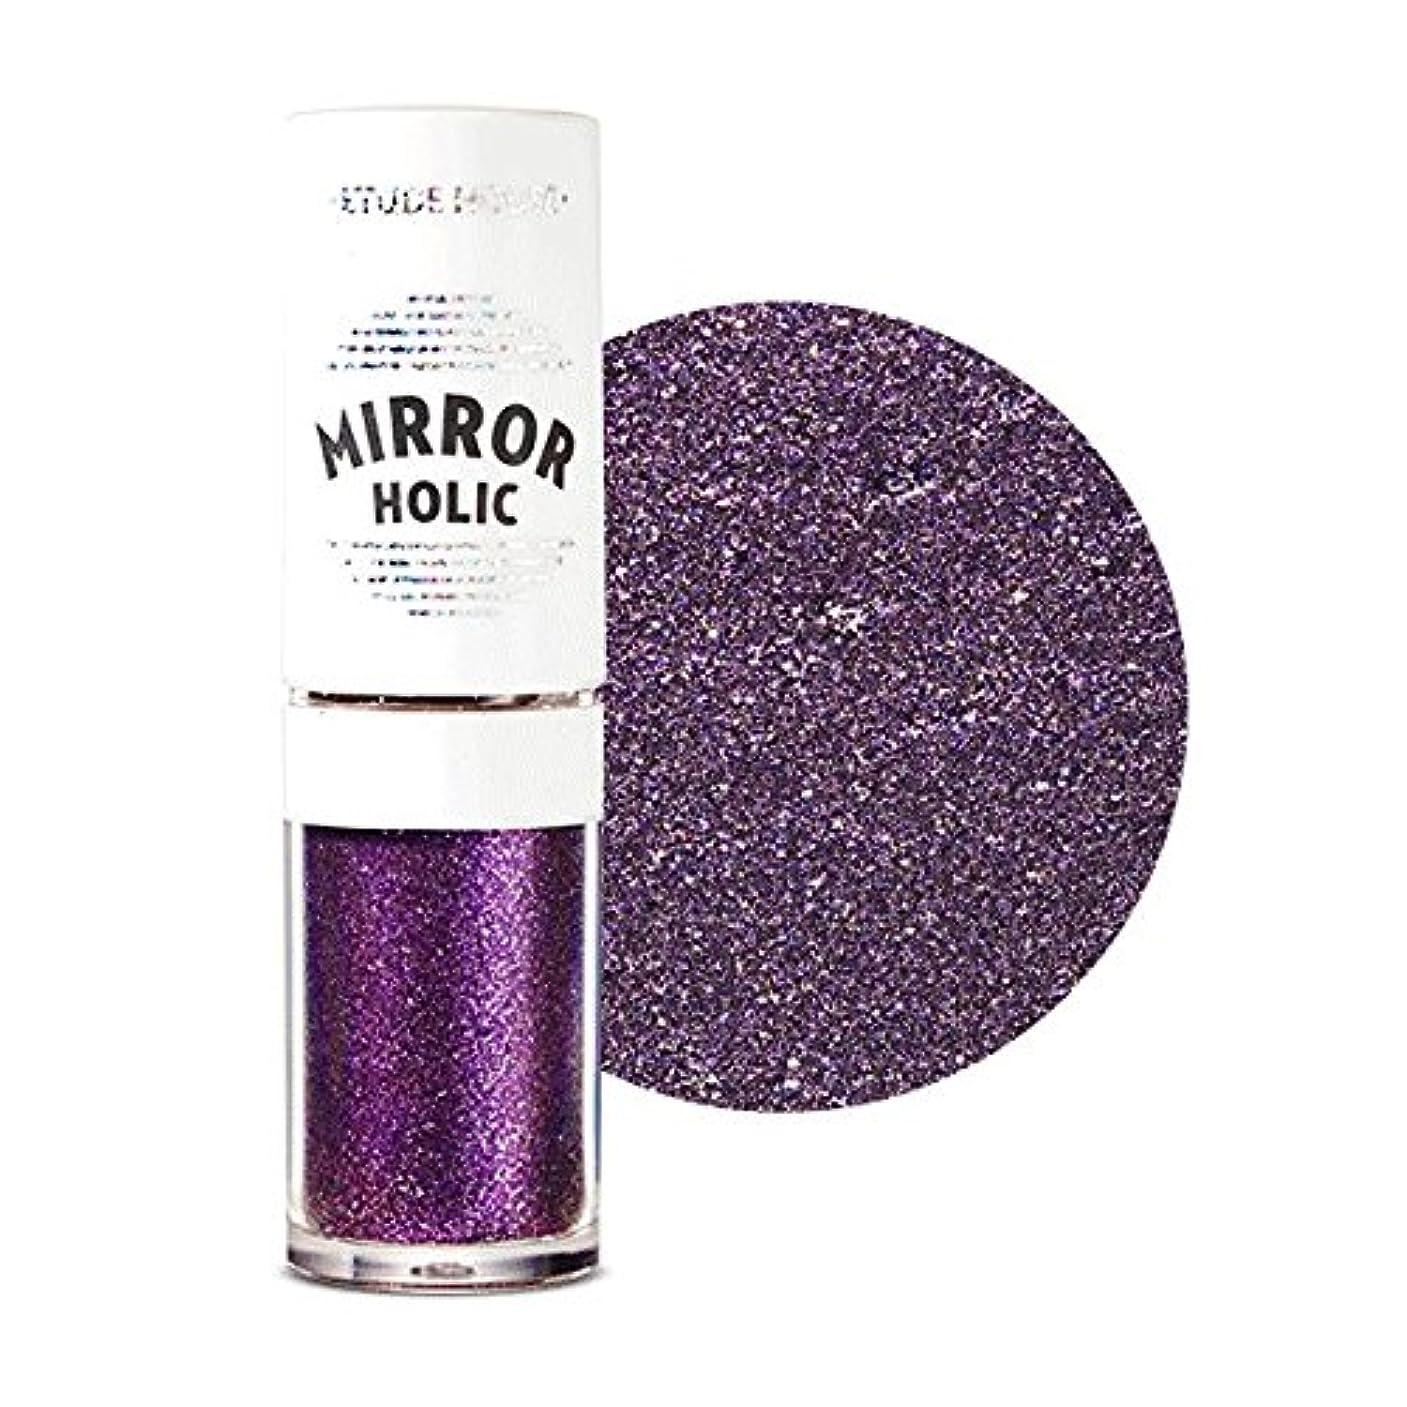 頬骨発信馬鹿げたETUDE HOUSE Mirror Holic Liquid Eyes / エチュードハウス ミラーホリックリキッドアイズ ミラーホリックリキッドアイズ (PP501) [並行輸入品]